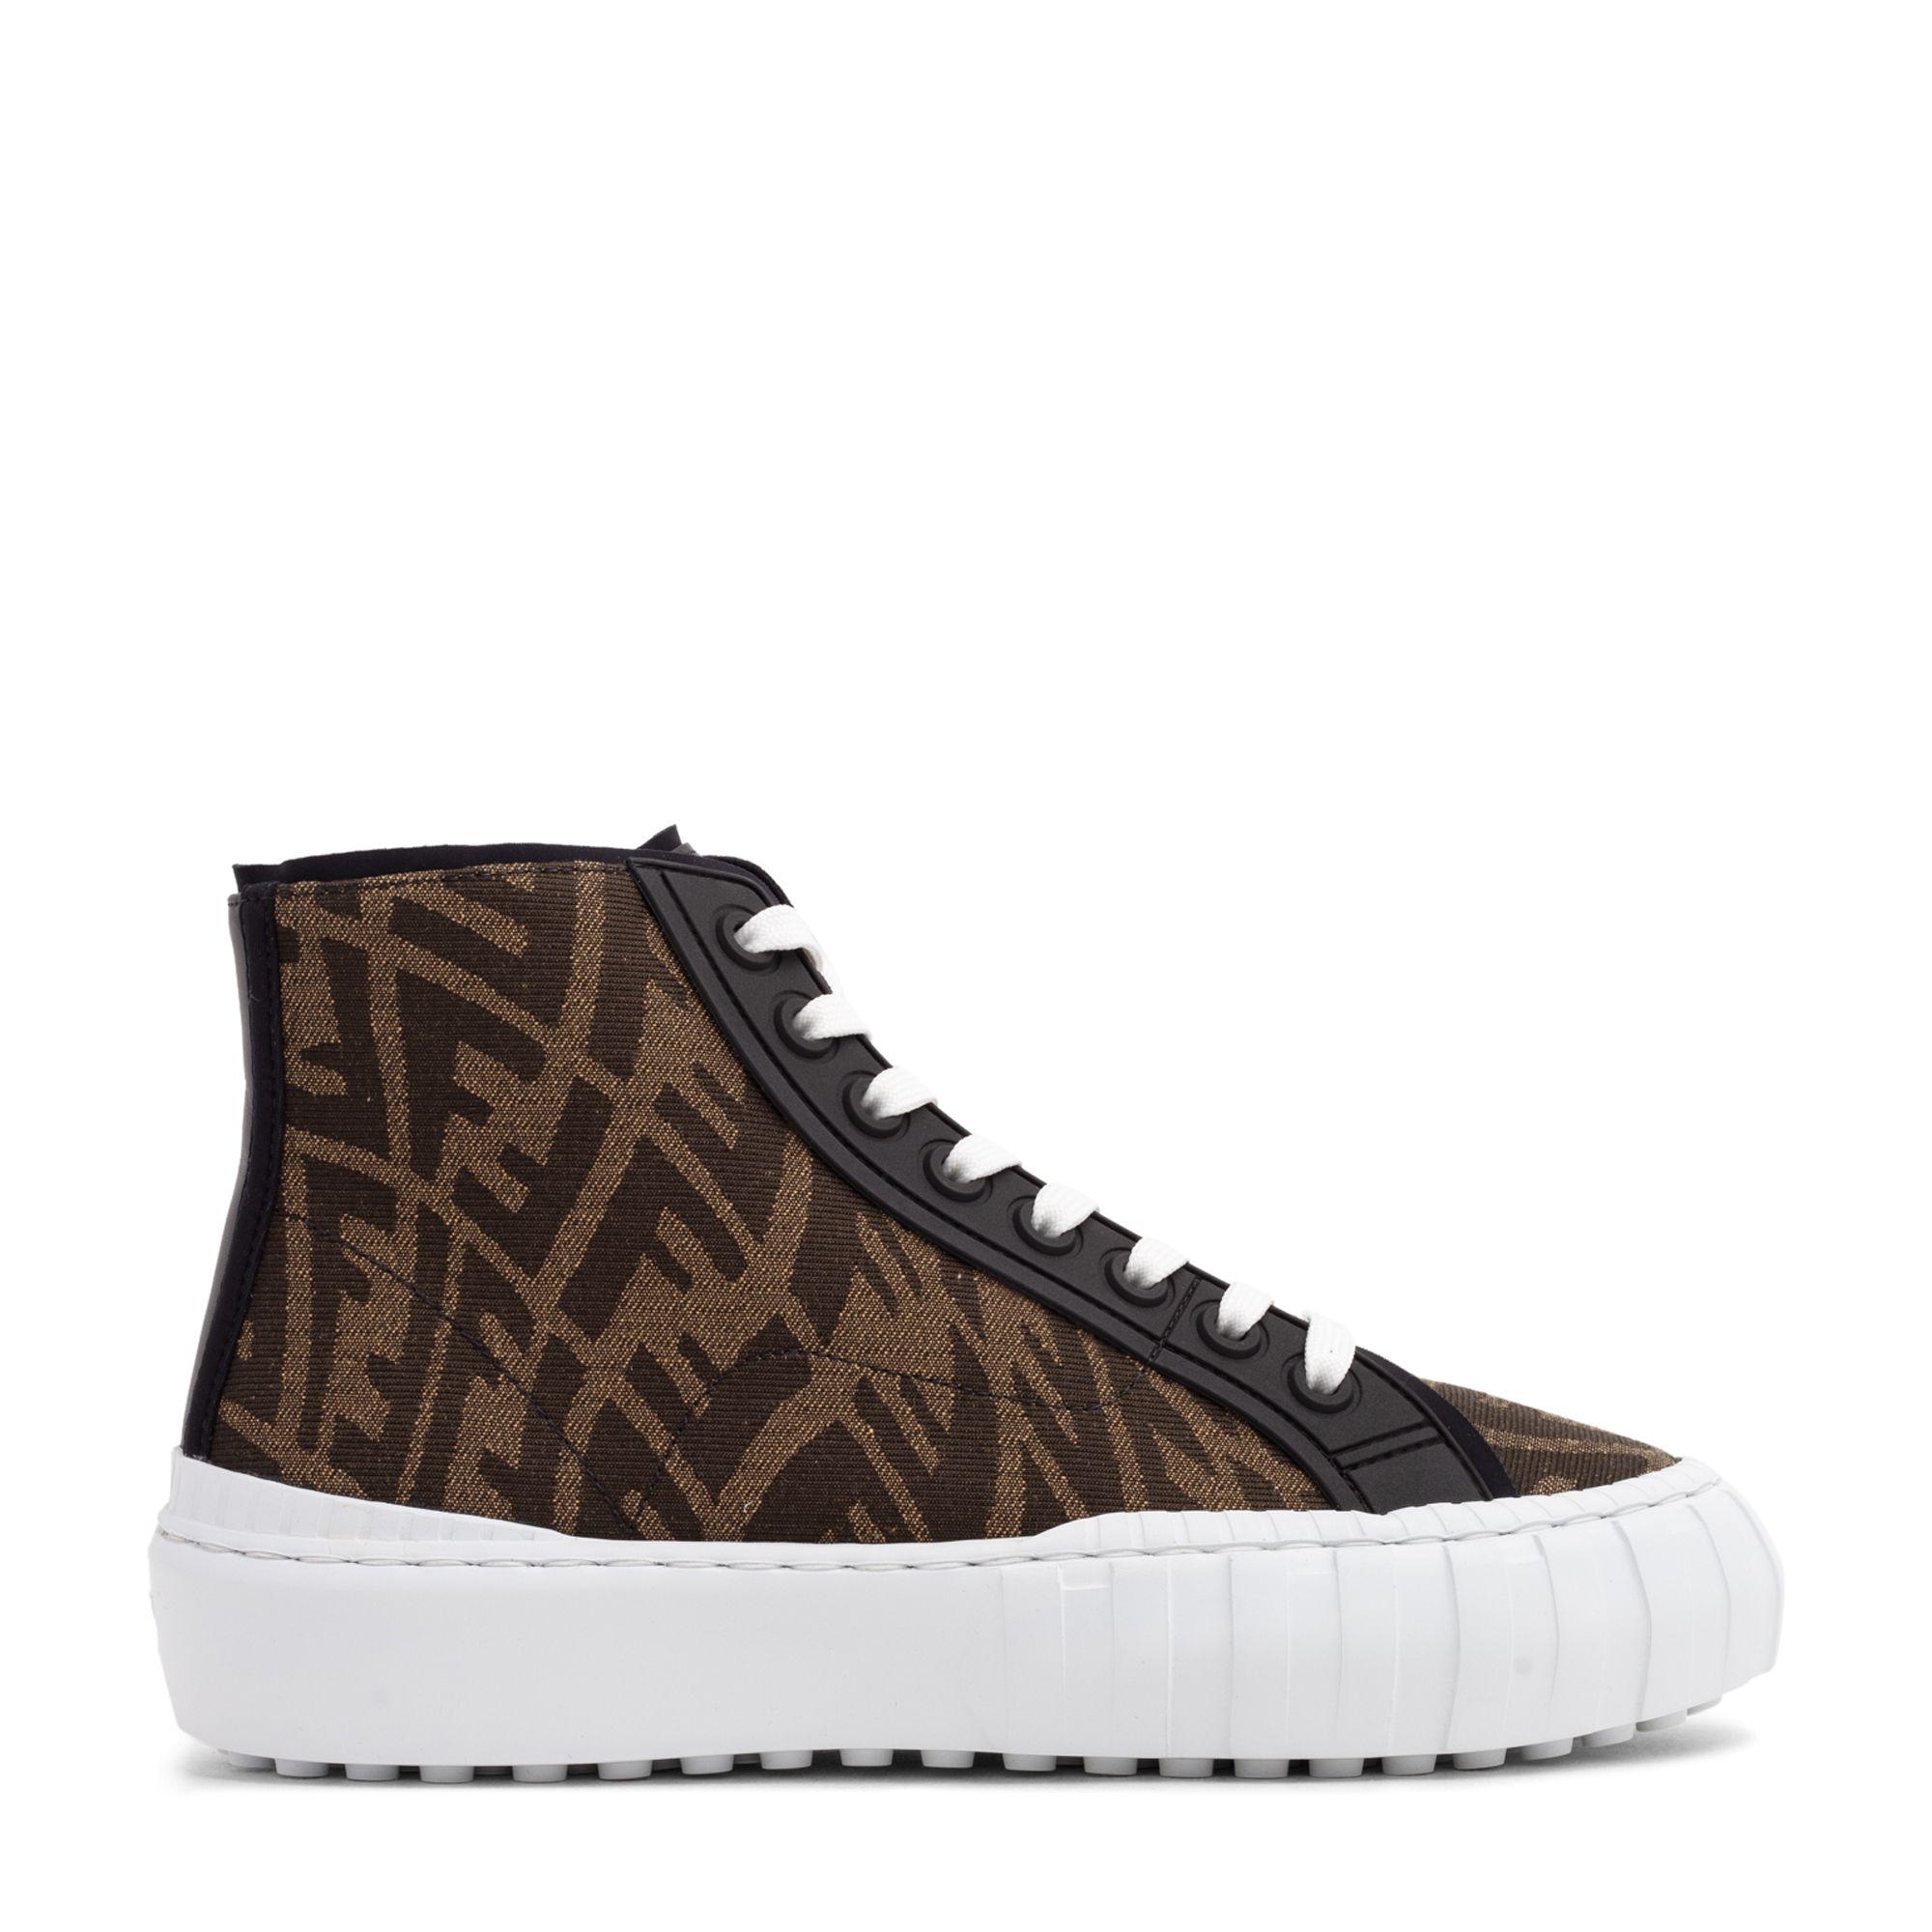 FF Vertigo high top sneakers